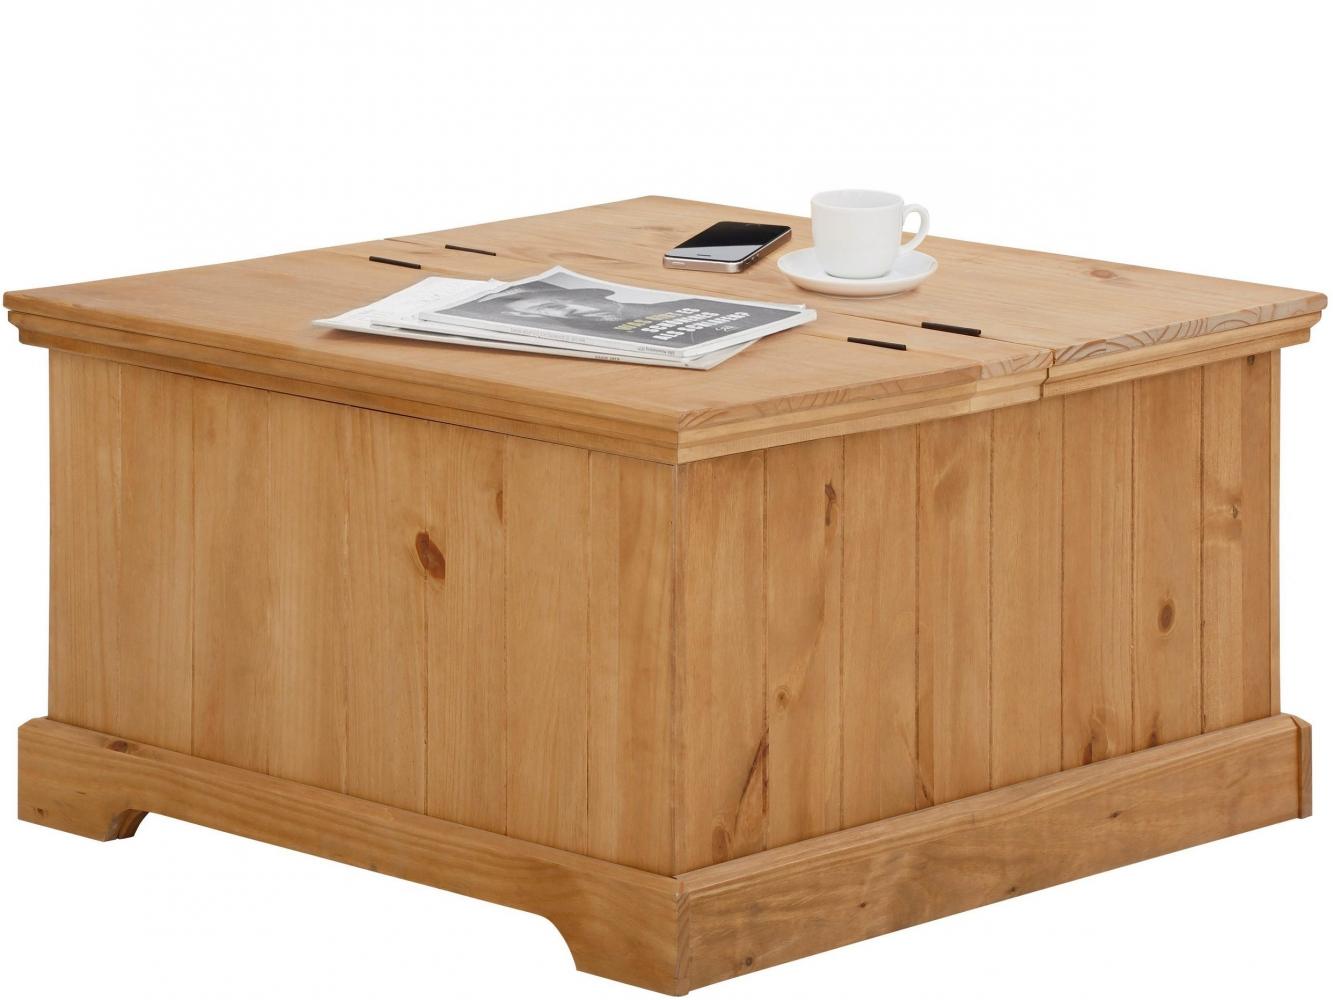 Konferenční stolek Alia, 80 cm, borovice